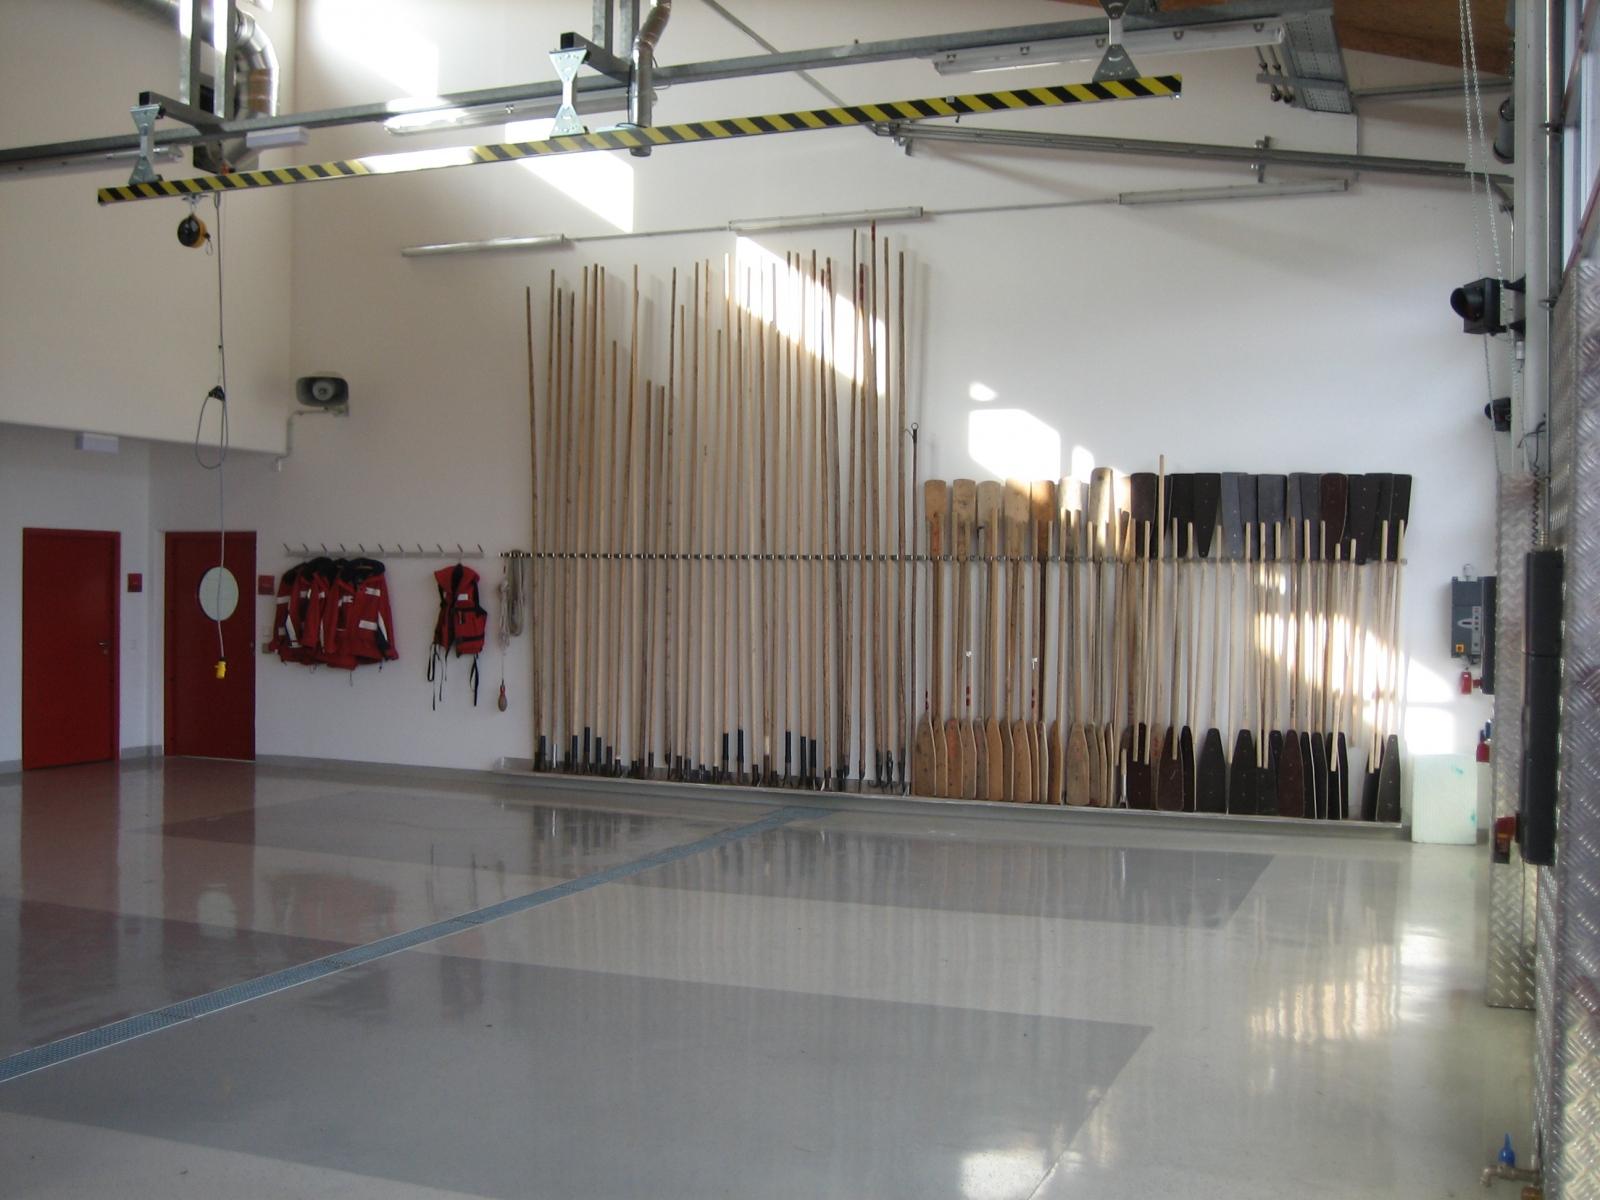 Feuerwehrhaus-3